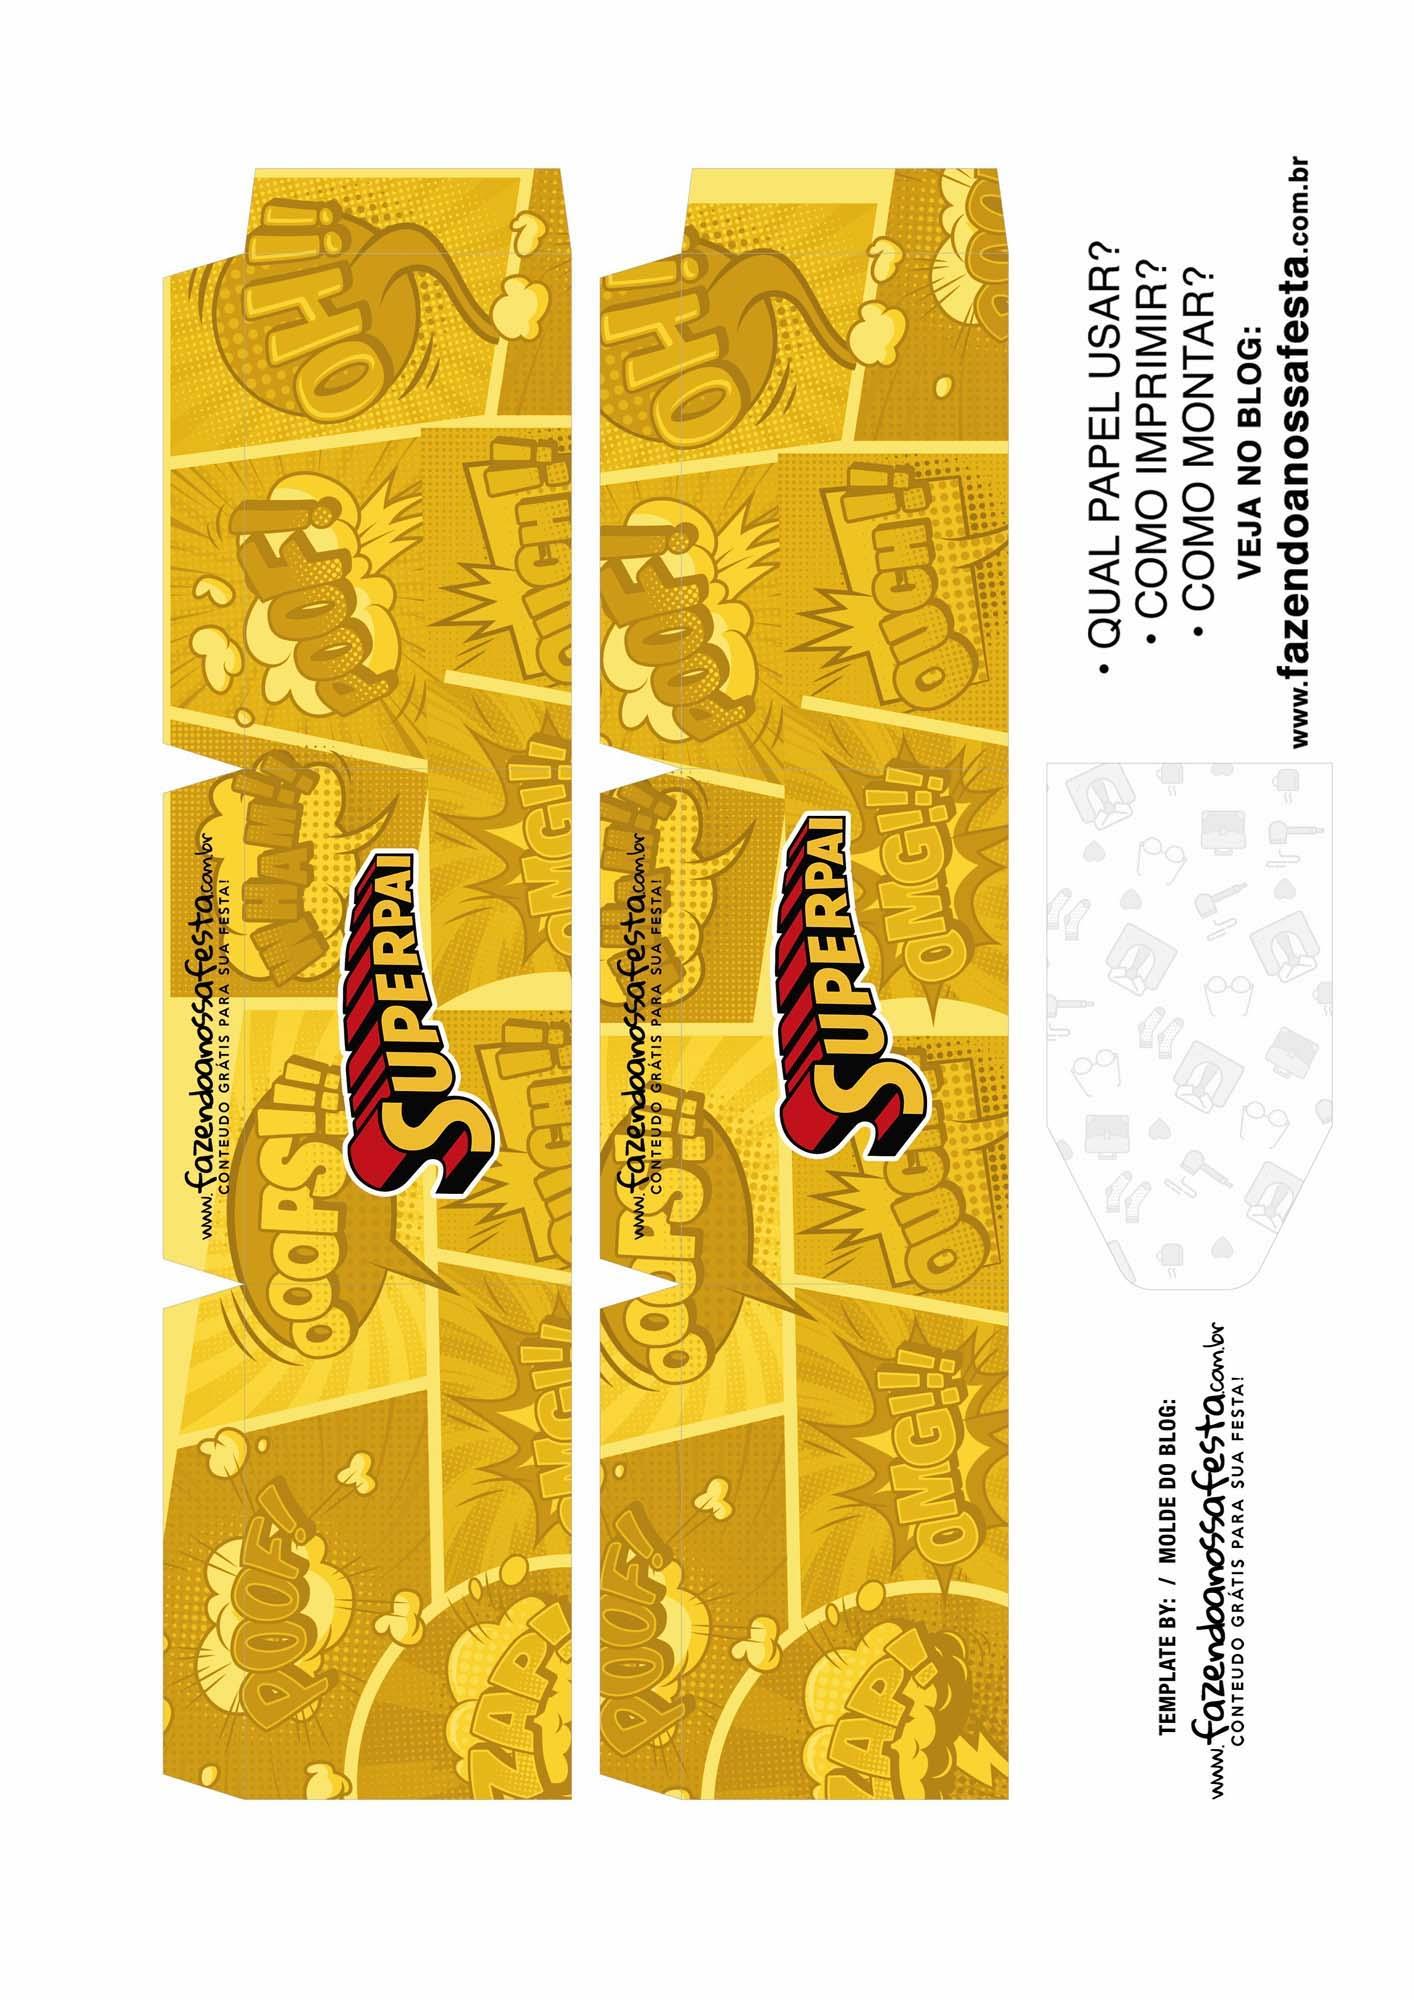 Caixa Explosiva Dia dos Pais Super Pai Amarelo 2